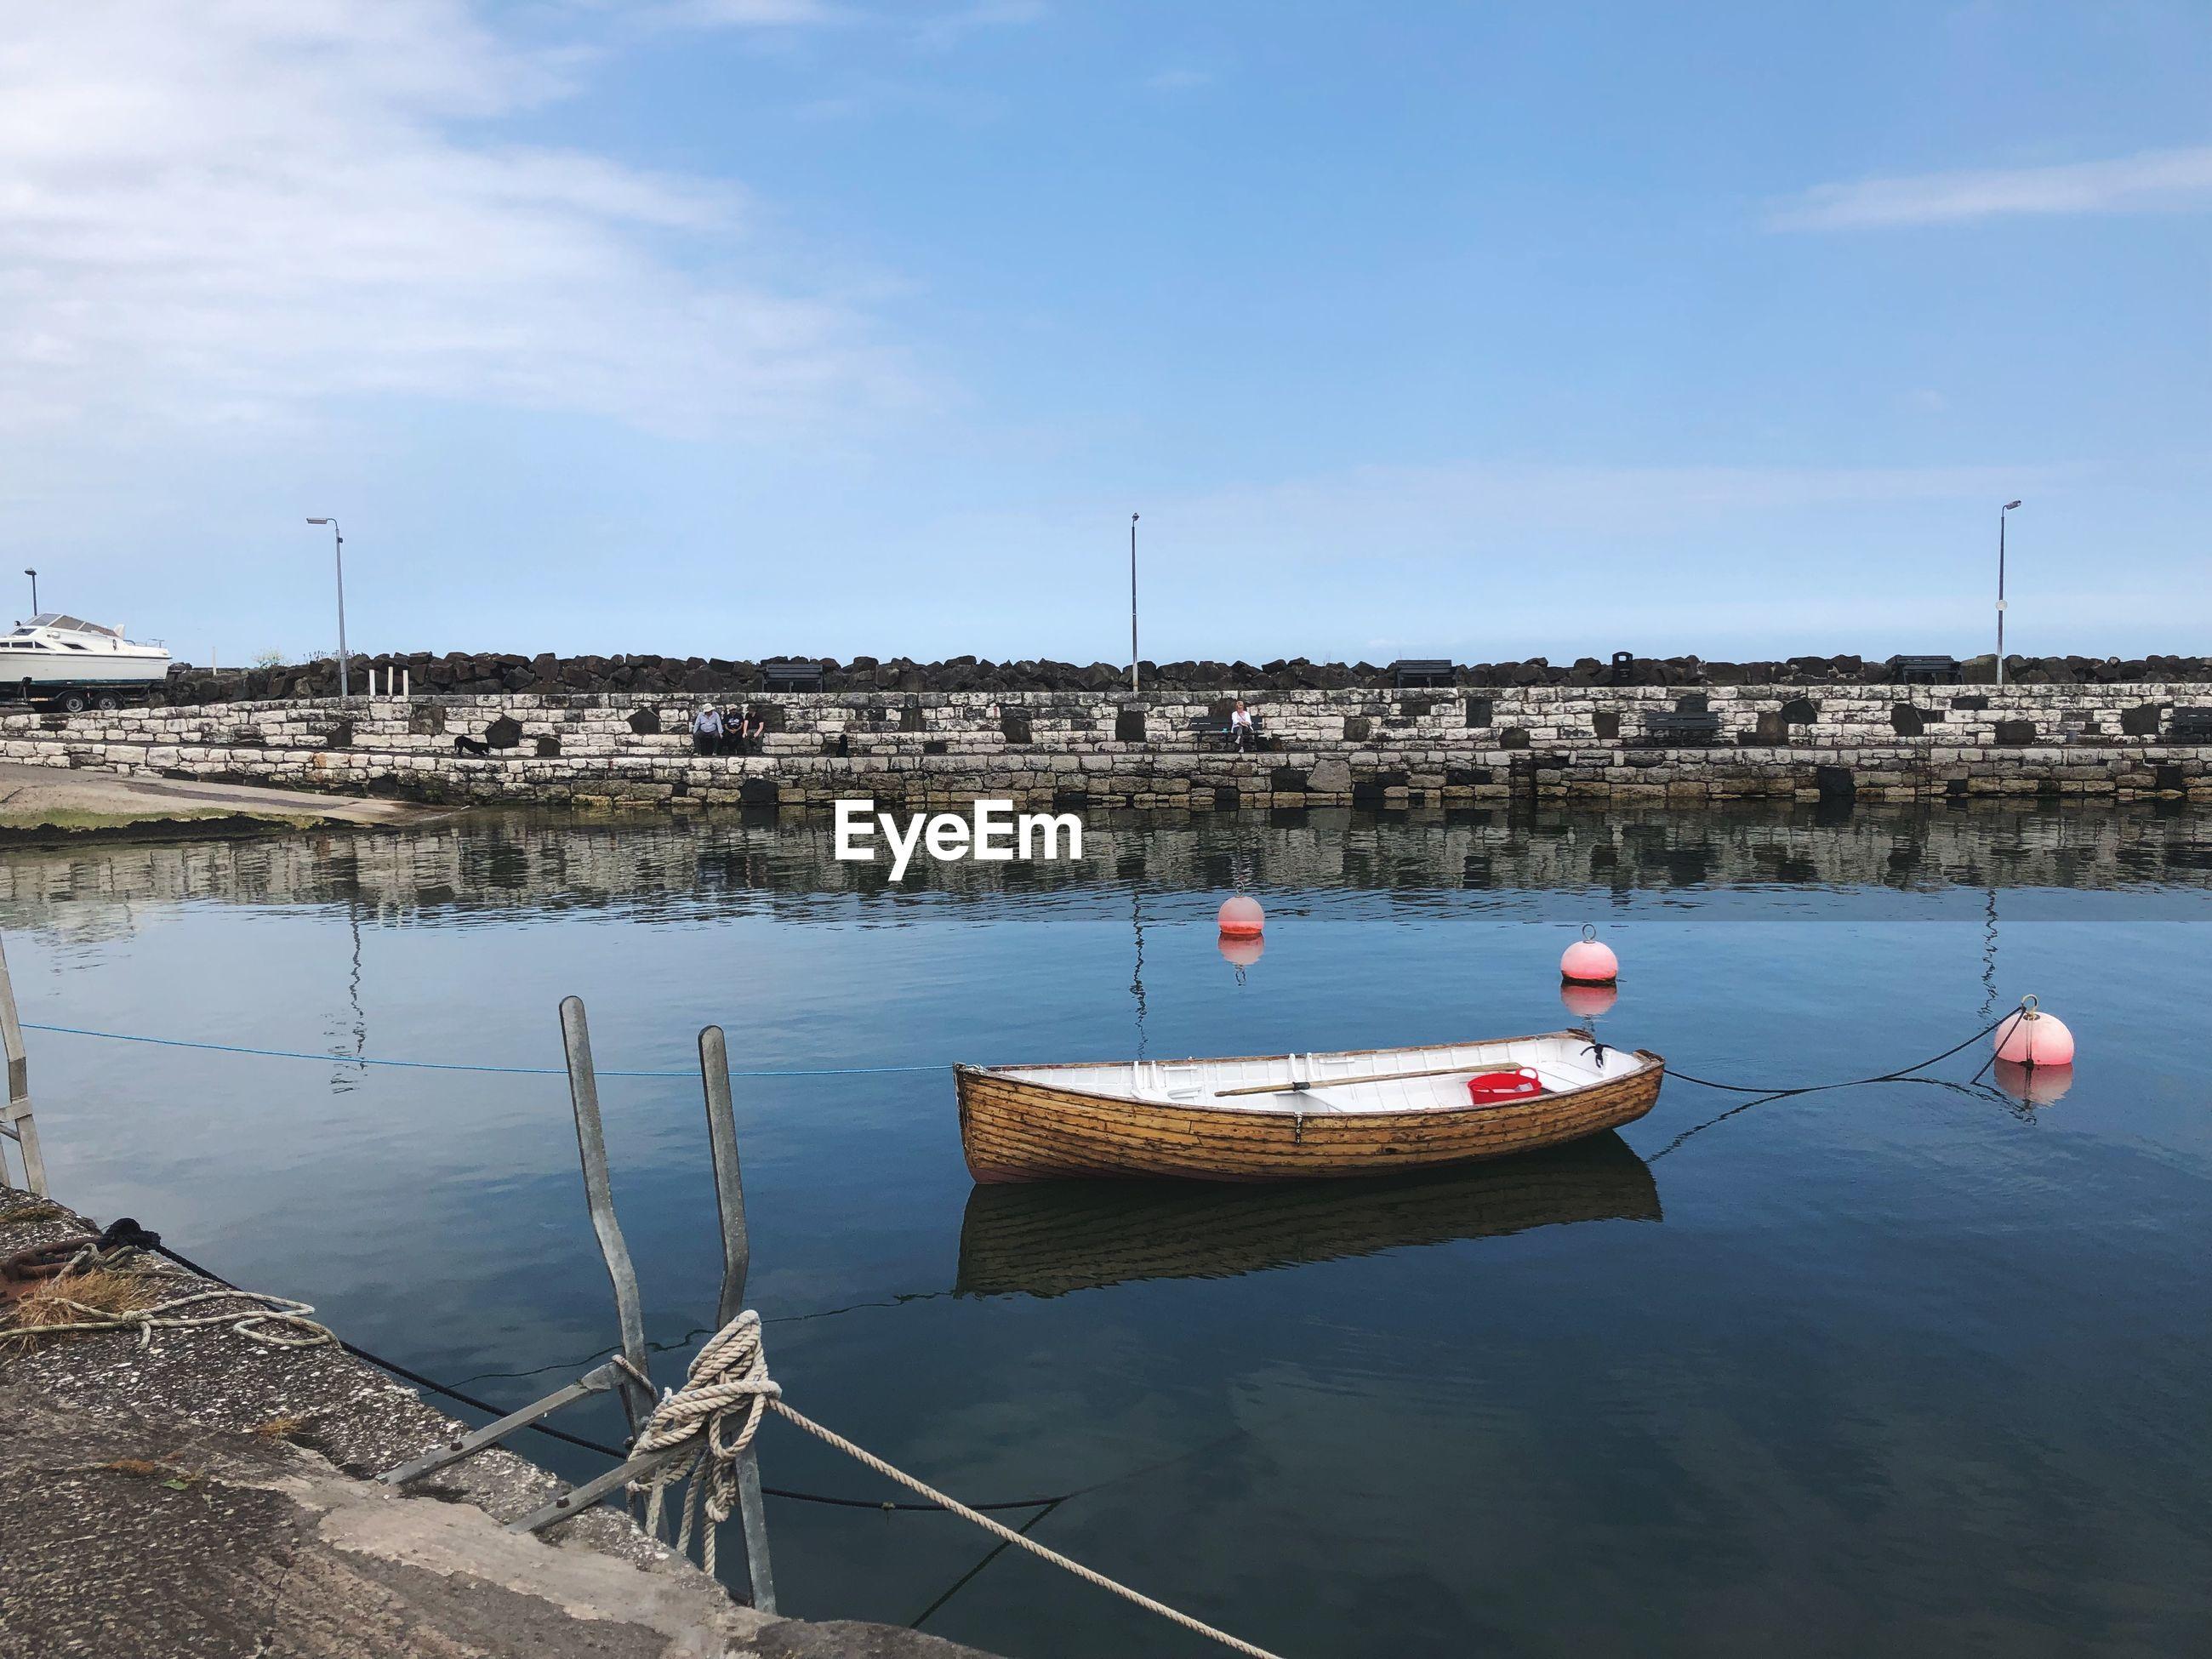 Rowboat moored in lake against sky